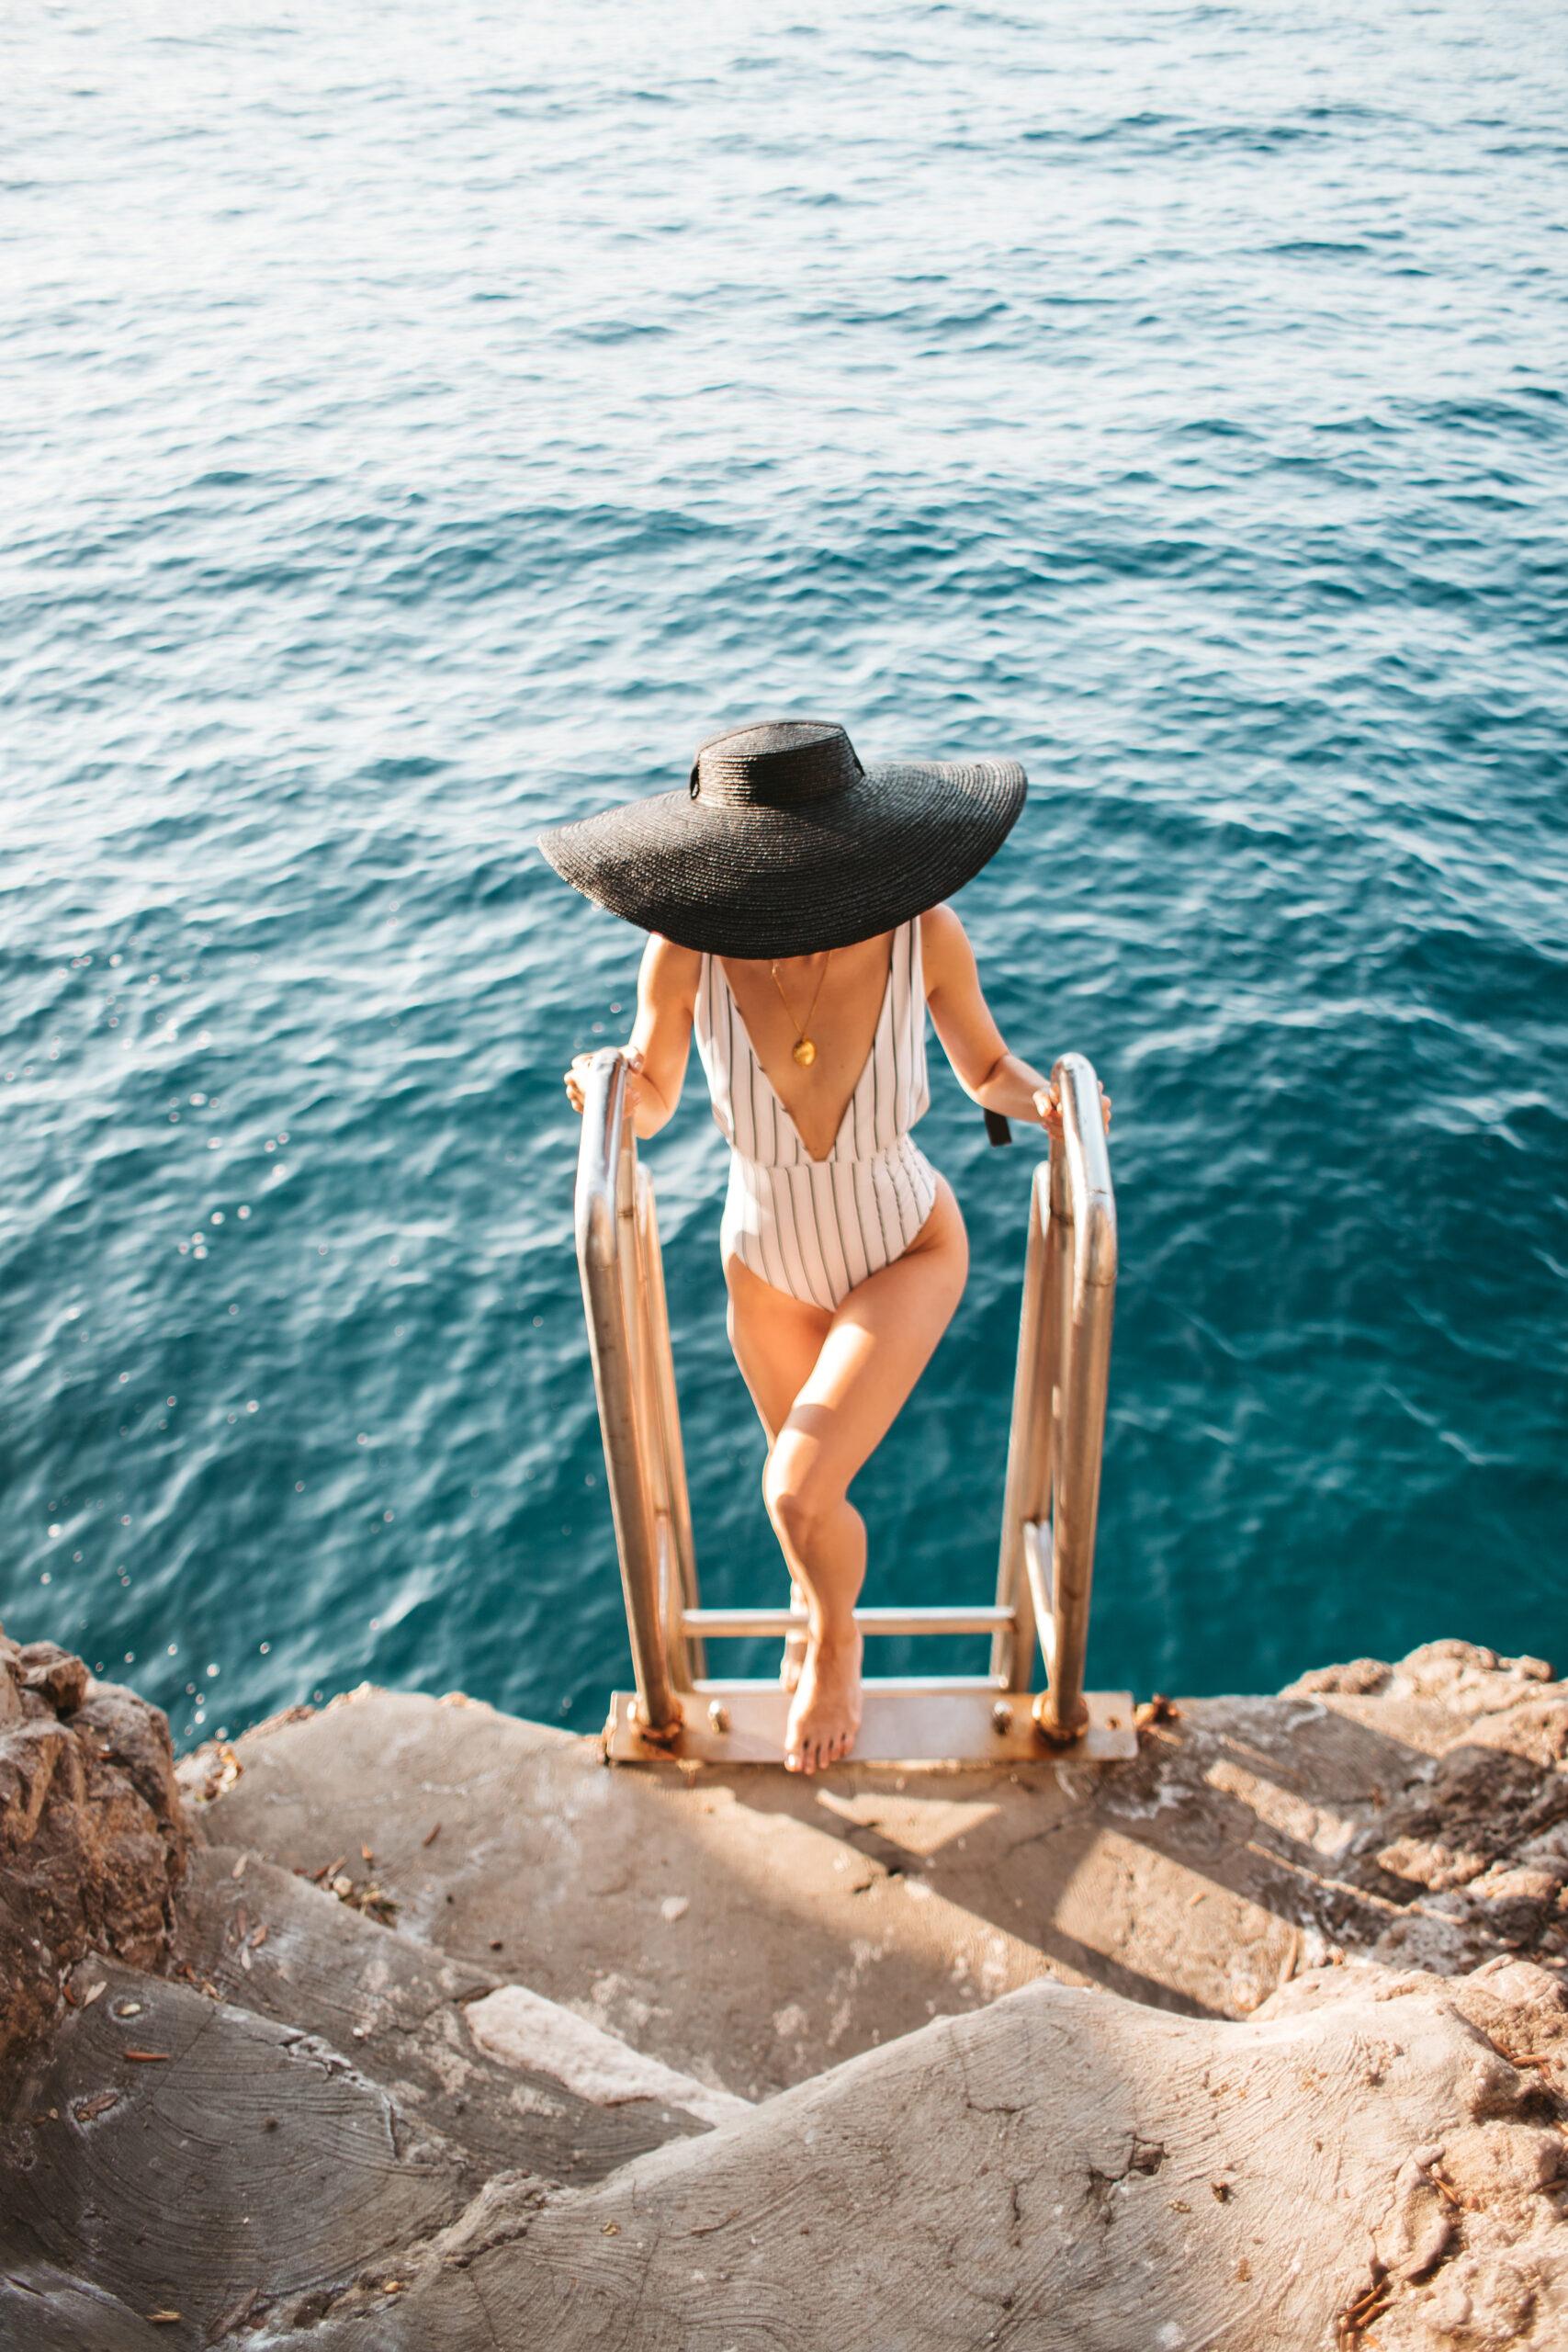 Positano hotel, Praiano hotel, positano booking, hotel z prywatną plażą, klif, morze, Amalfi Coast, Włochy, Wybrzeże Amalfi, Amalfi b&b, Positano b&b